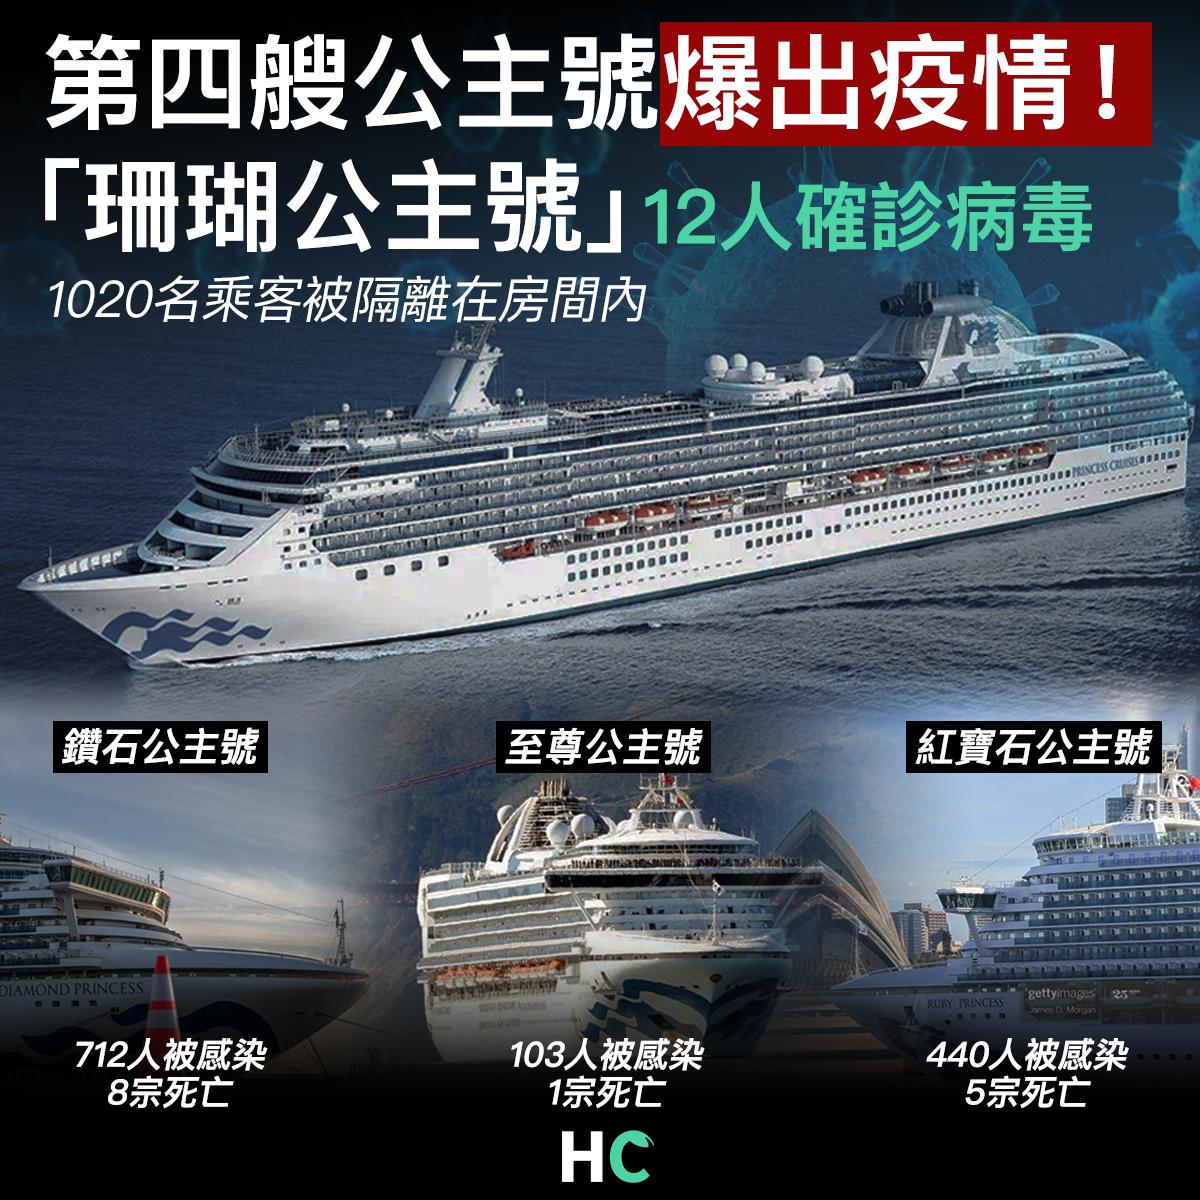 【#武漢肺炎】第四艘公主號爆出疫情! 「珊瑚公主號」12人確診病毒